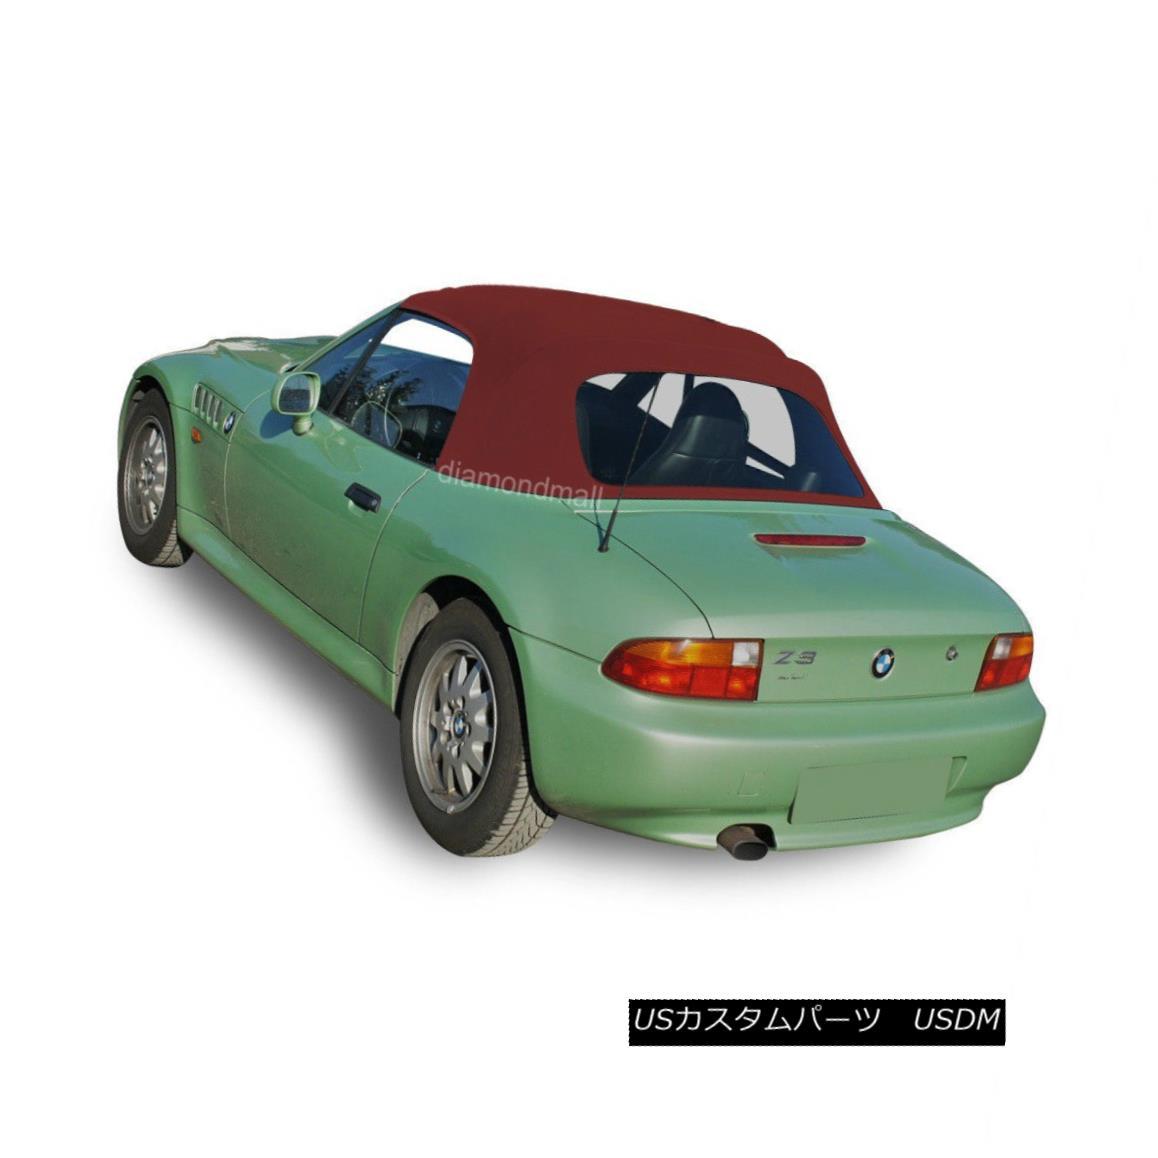 幌・ソフトトップ BMW Z3 1996-2002 Convertible Soft Top & Plastic Window Burgundy Stayfast Cloth BMW Z3 1996-2002コンバーチブルソフトトップ& プラスチック窓ブルゴーニュ・ステイファスト・クロス